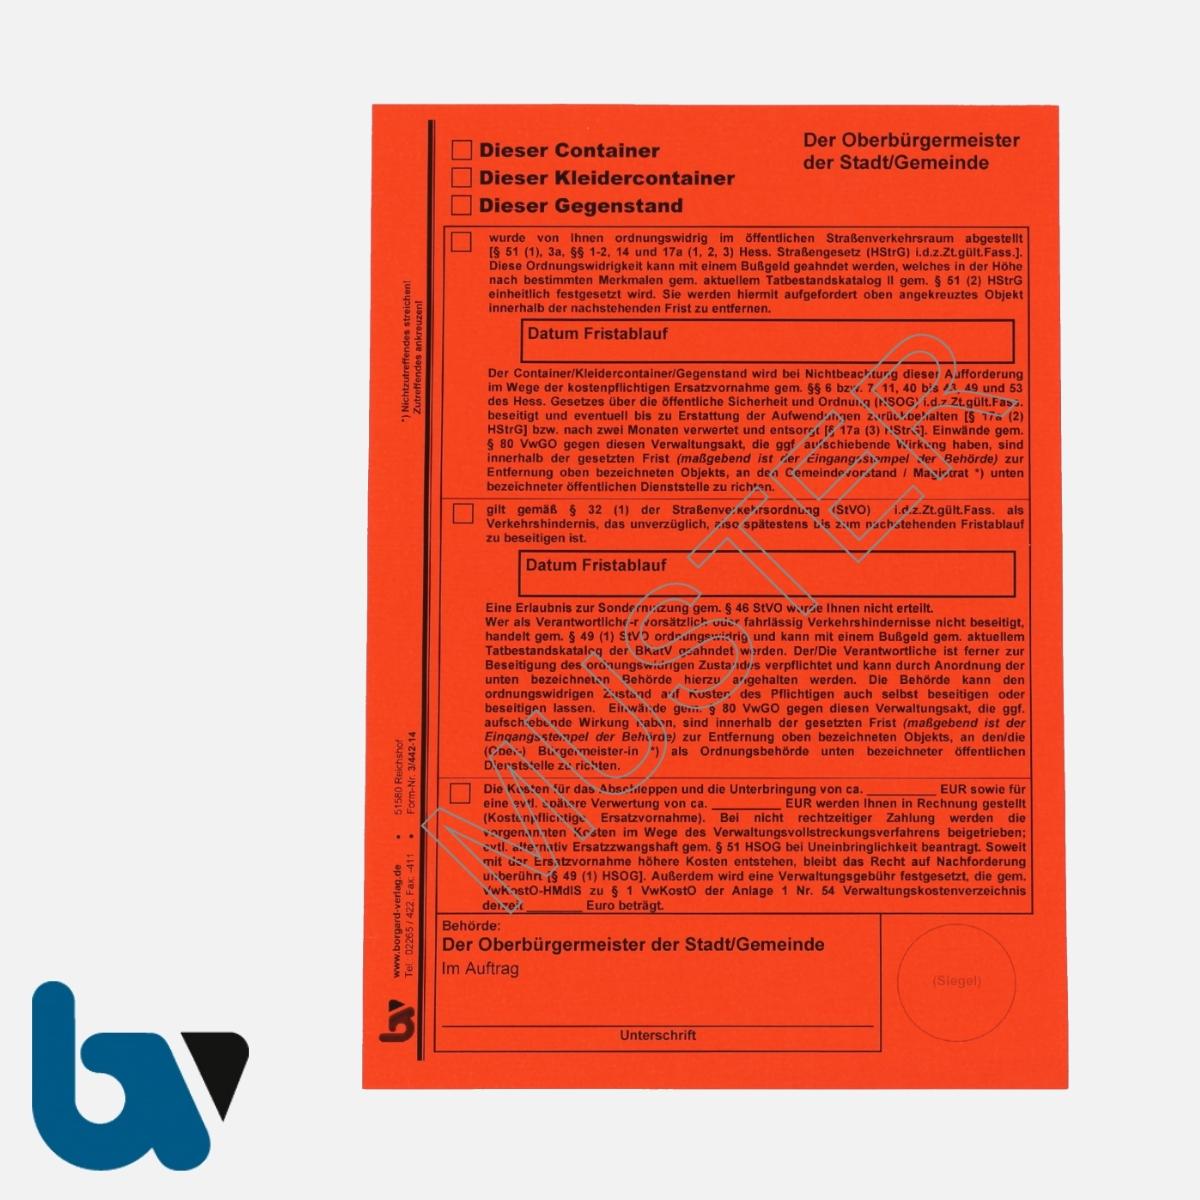 3/442-14 Aufkleber Aufforderung Entfernung Container Kleidercontainer Gegenstand selbstklebend Hessen HStrG HSOG StVO Aufnahmeprotokoll Abfall DIN A5 VS | Borgard Verlag GmbH